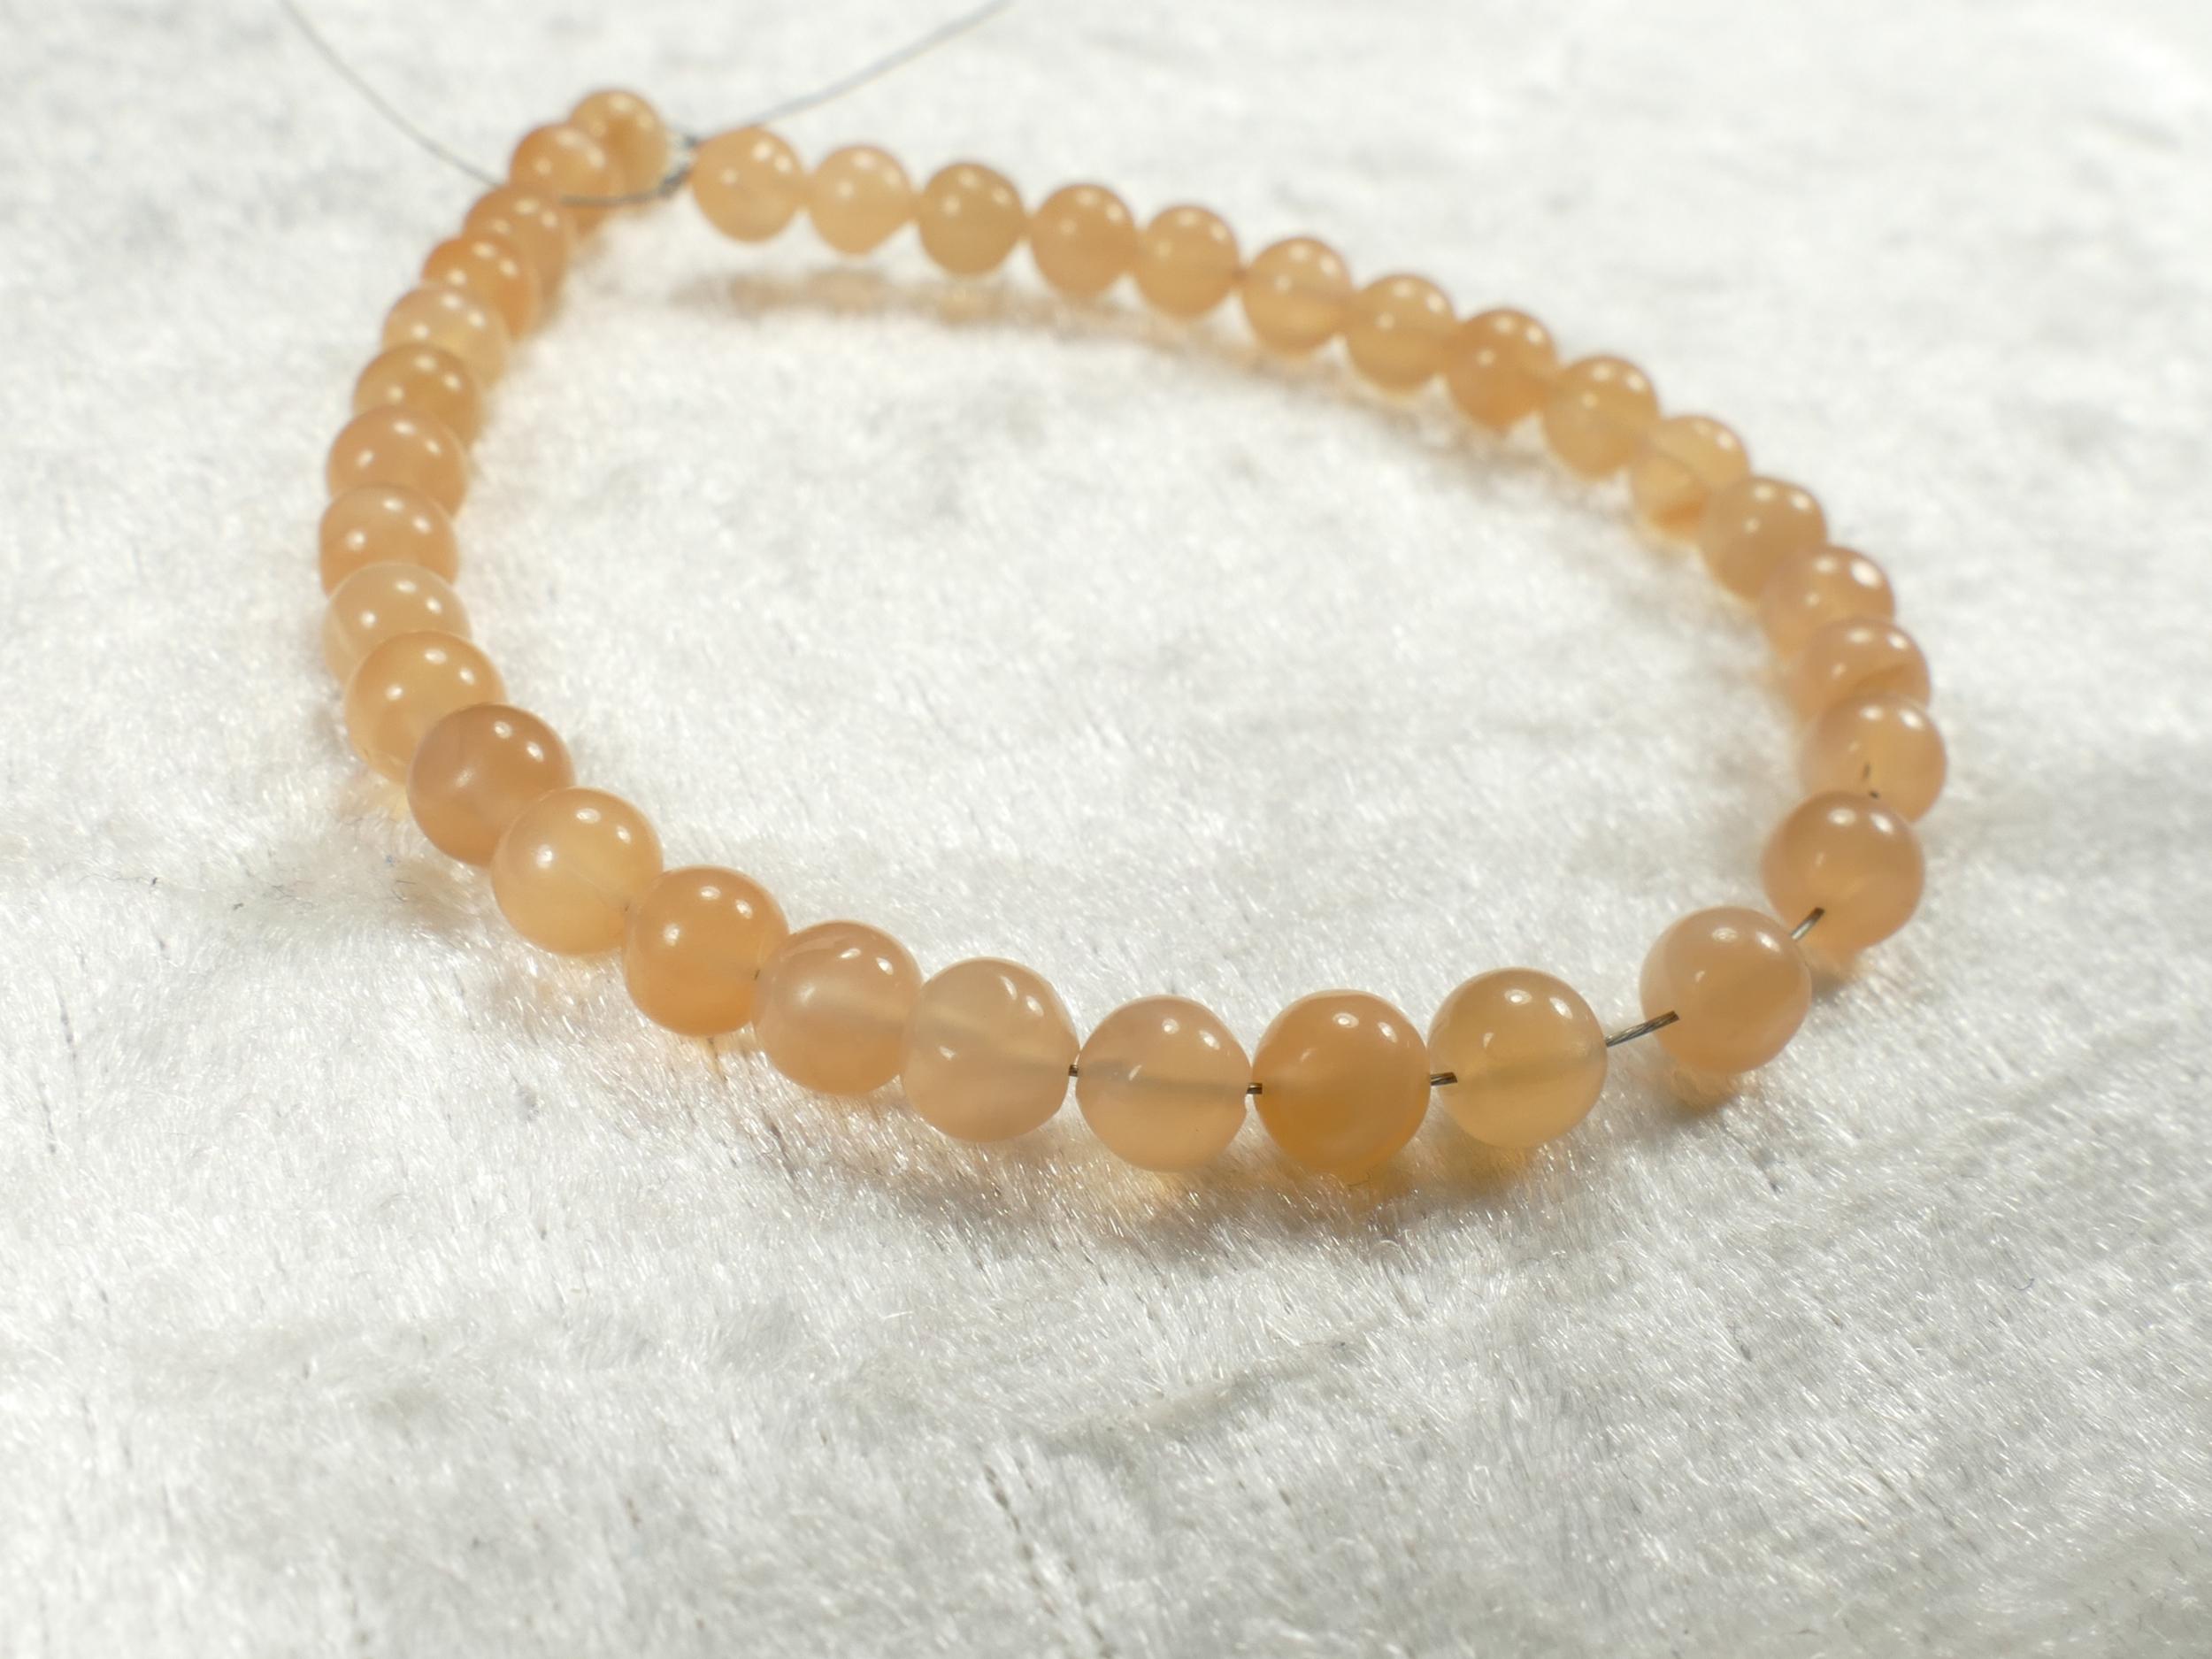 15cm 5.9inch Perles de Pierre de lune orange naturelle ronde 4.8/4.9mm Inde (#PK322)